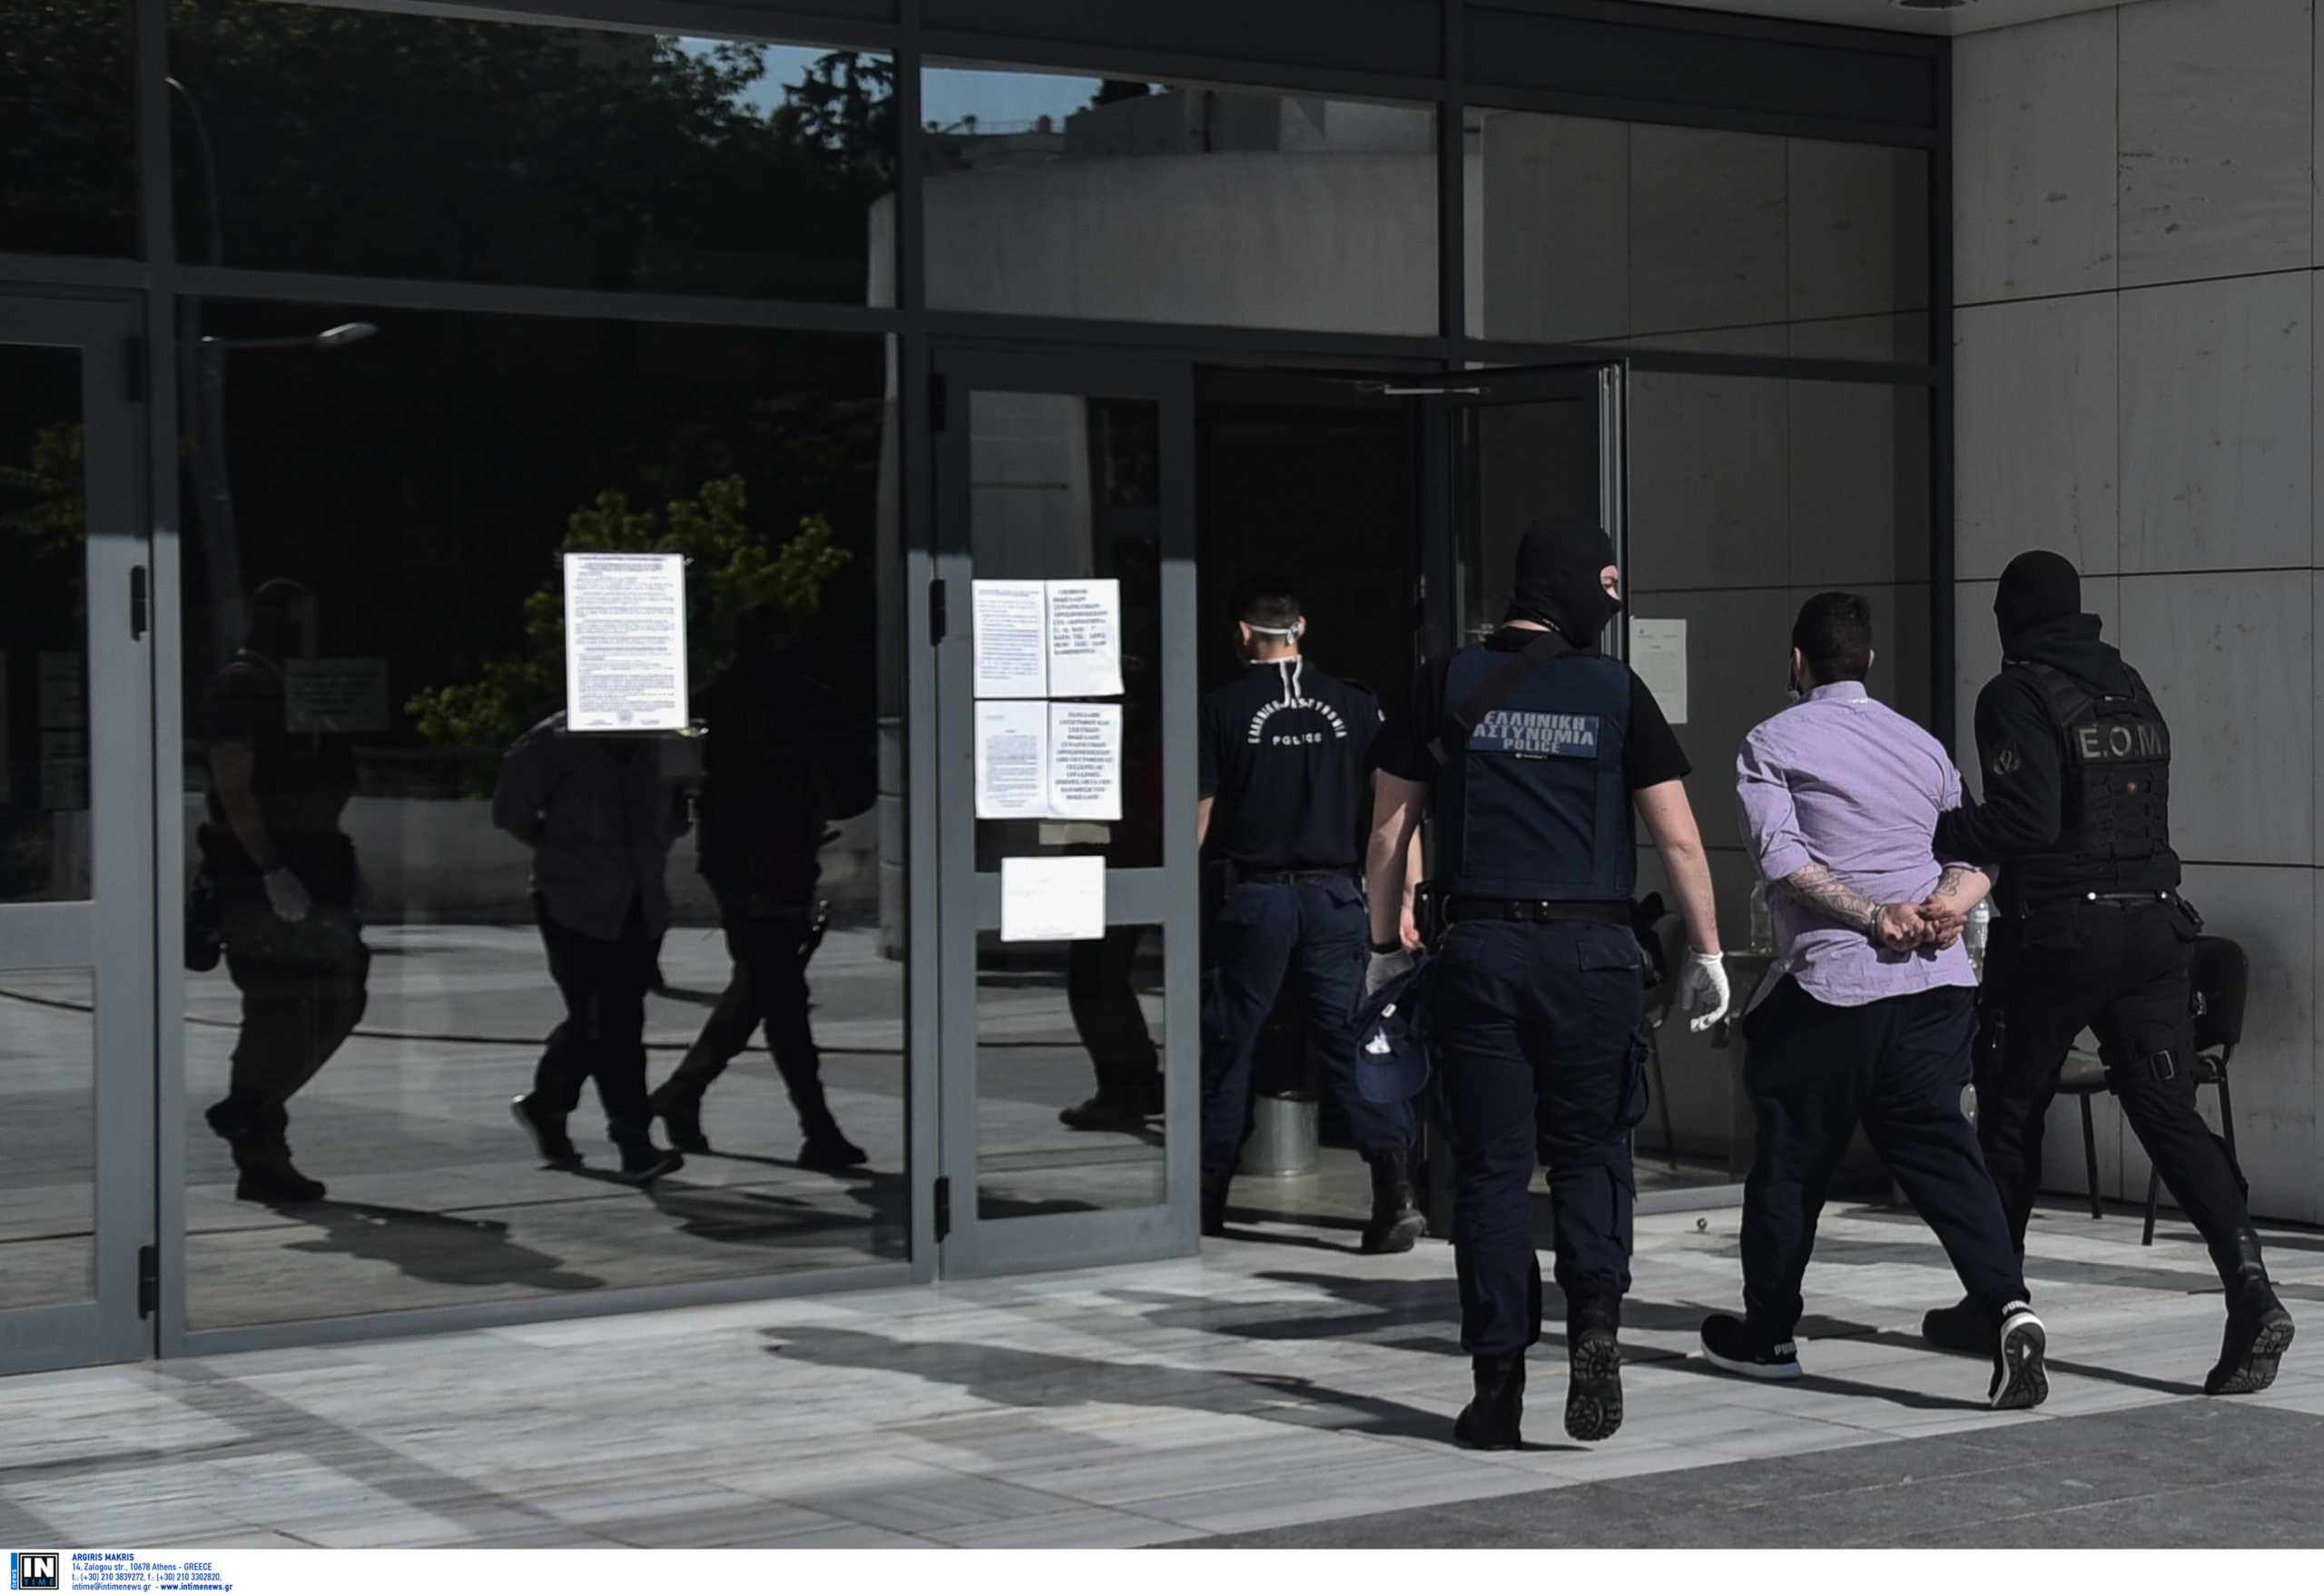 Διακοπή στην δίκη Τοπαλούδη! Εισαγγελέας: Προτίθεμαι να απέχω – Ένταση με σύμβουλο του δικηγορικού συλλόγου